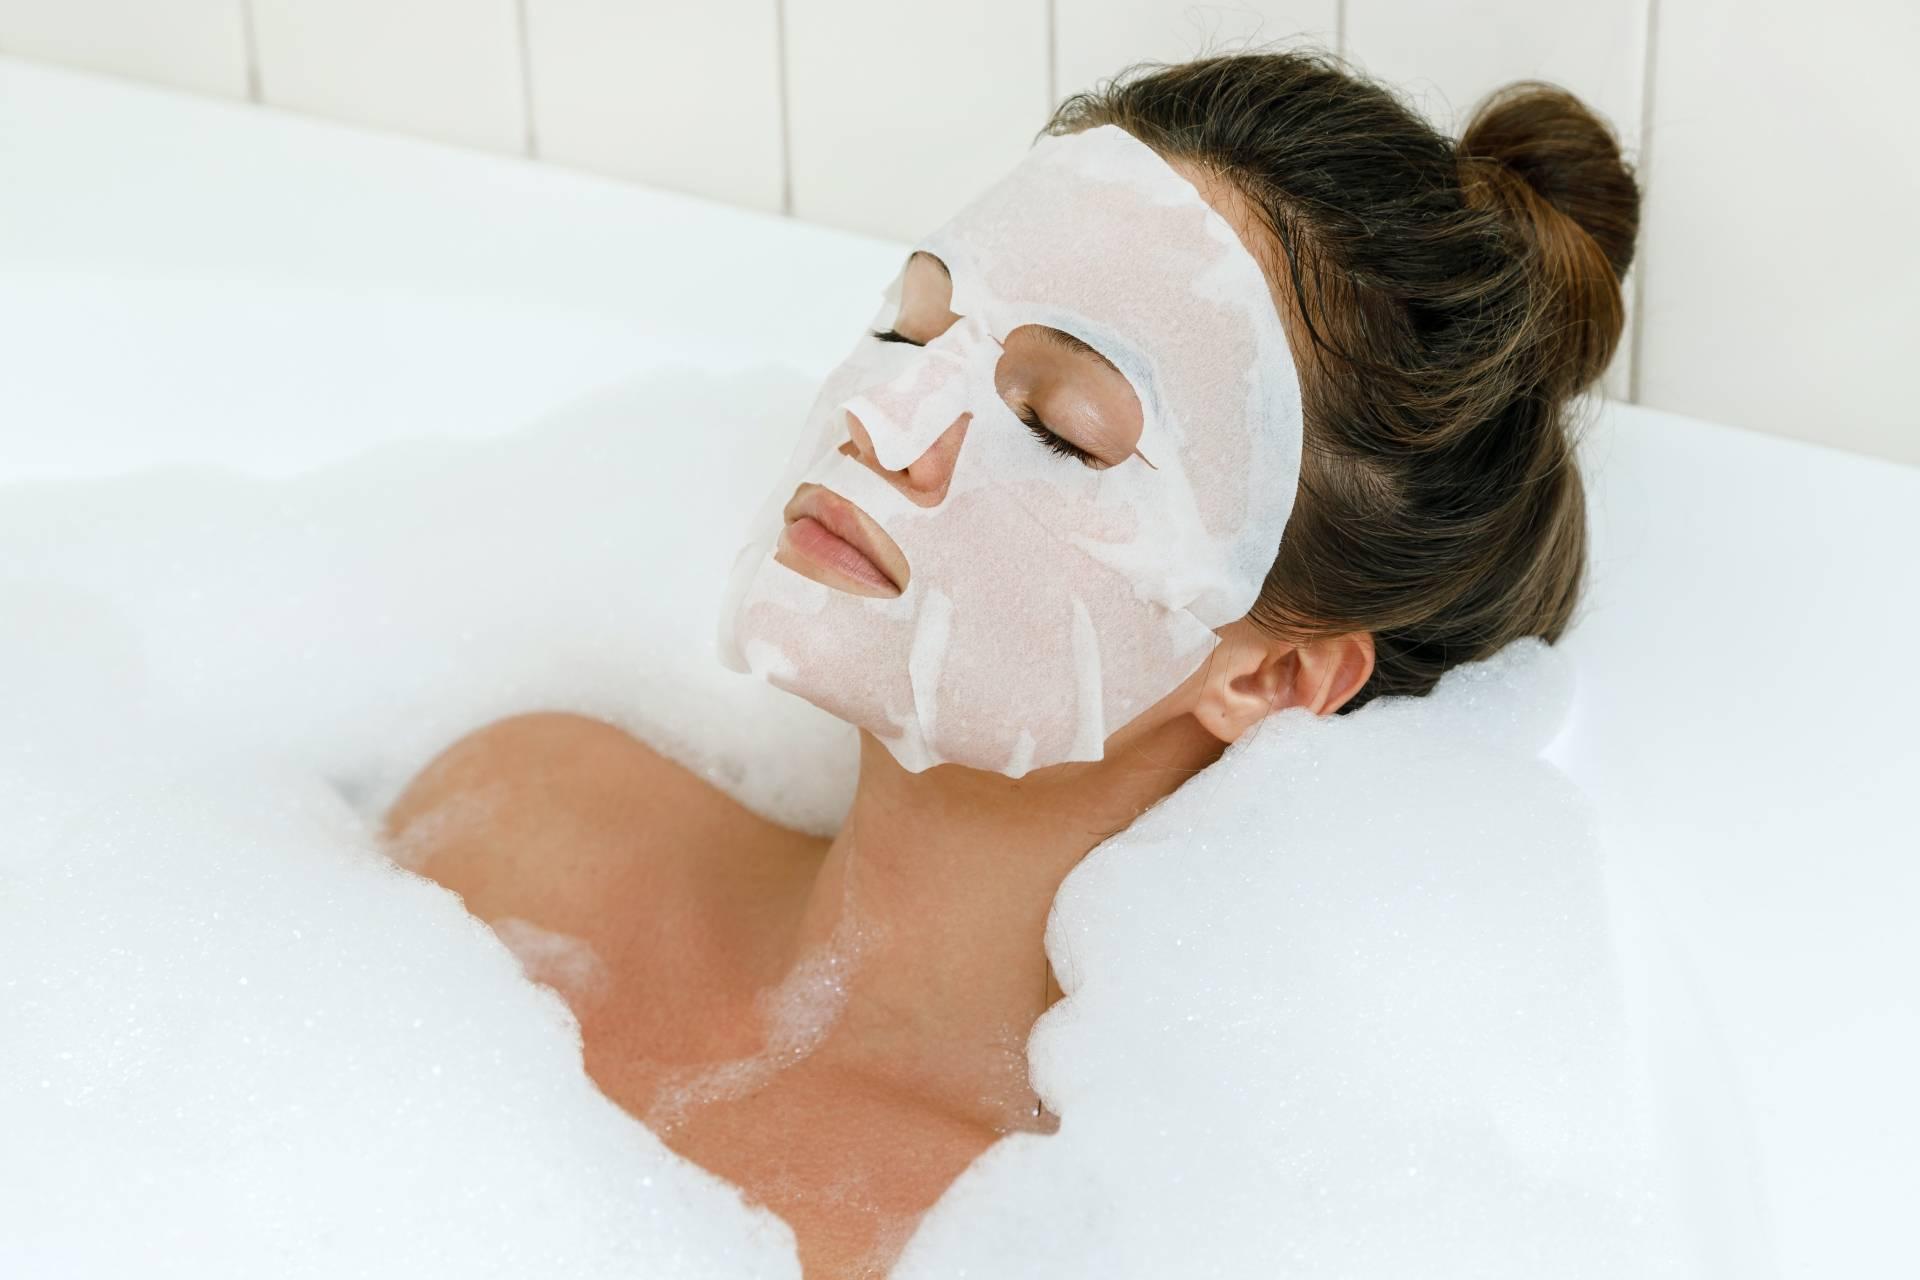 Jak stosować maseczki na twarz, aby osiągnąć dobre efekty?